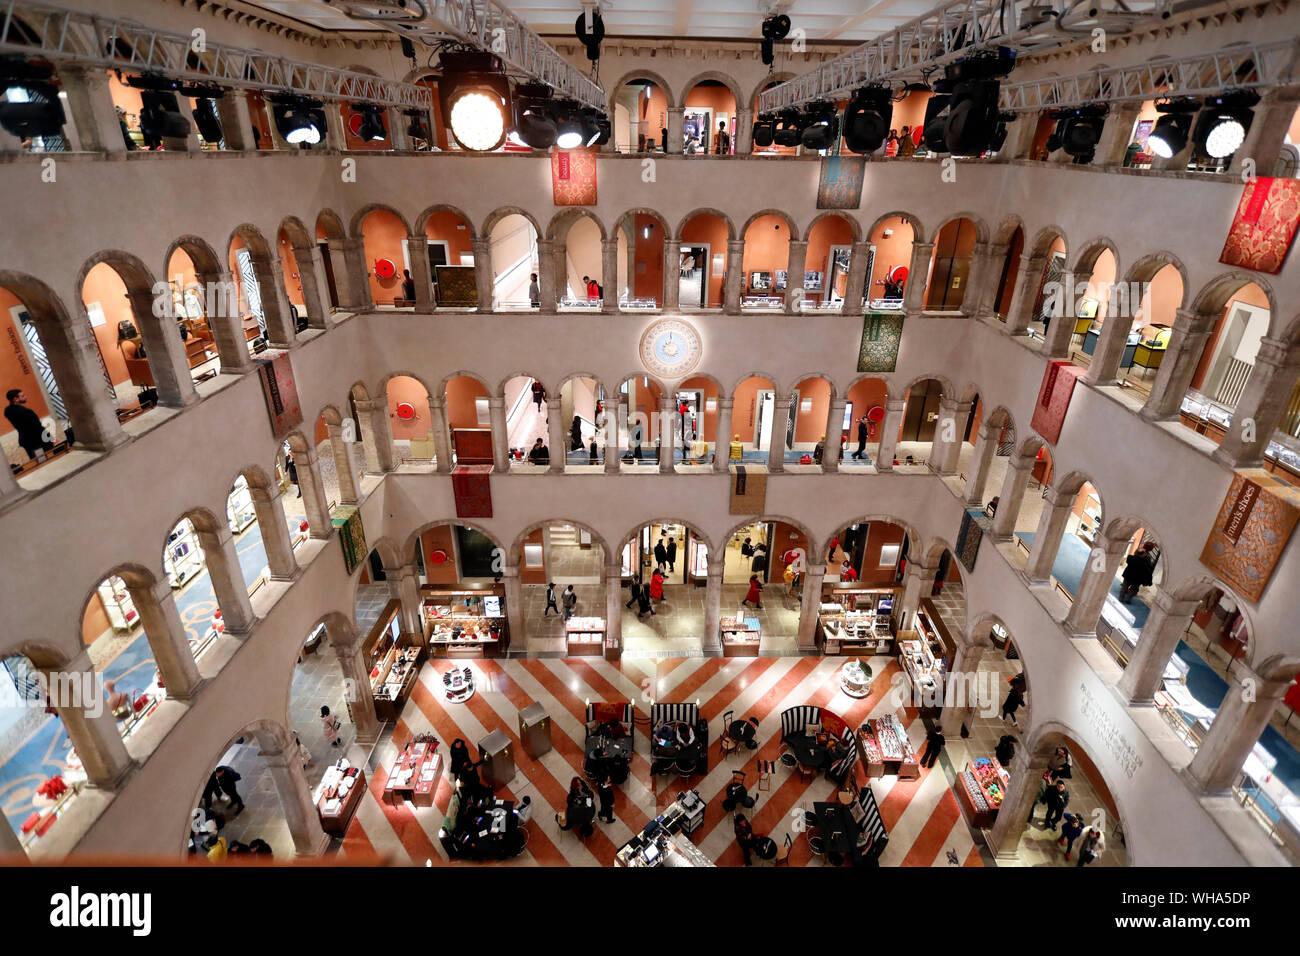 El lujoso centro comercial Fondaco dei Tedeschi, Venecia, Véneto, Italia, Europa Foto de stock